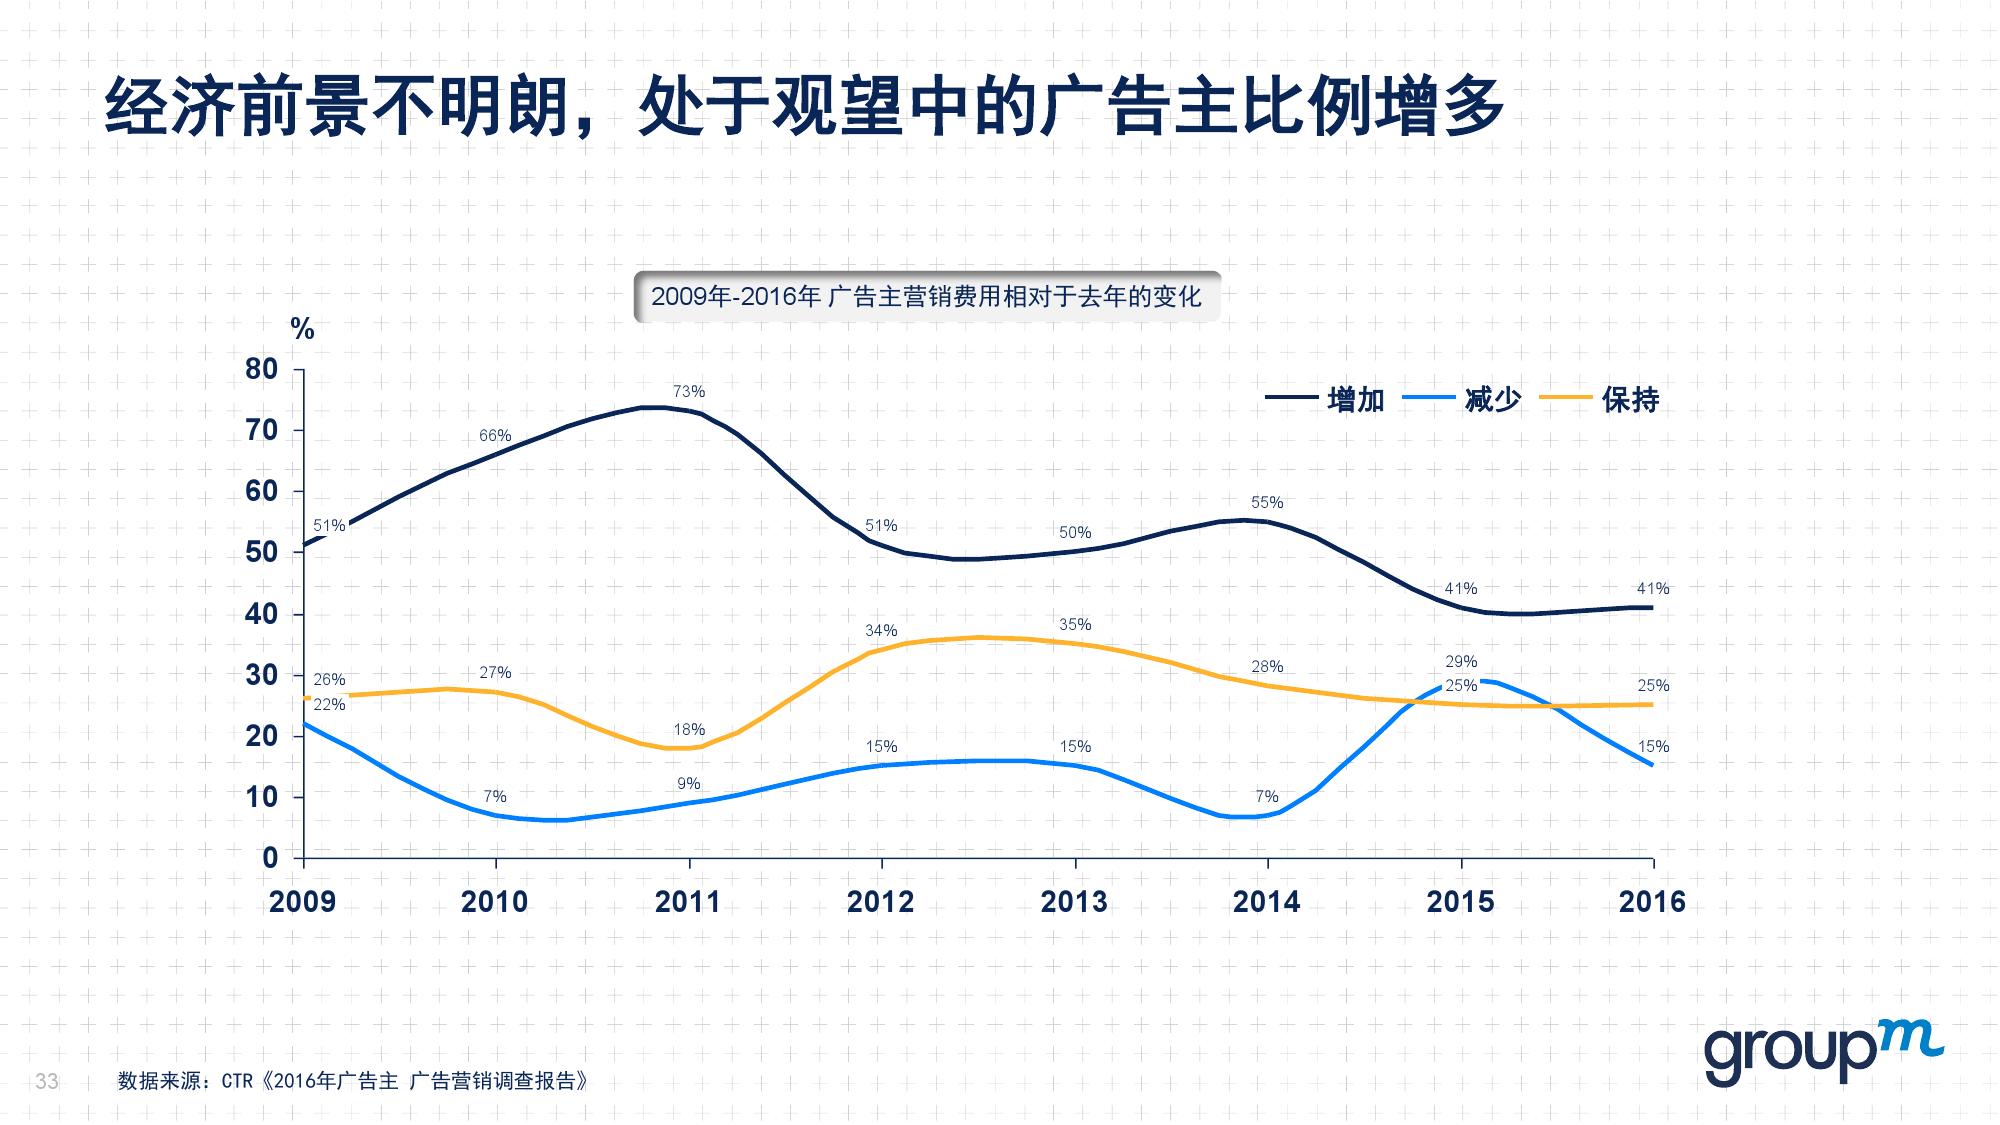 赢在中国2016:从需求刺激转向供给侧改革_000033